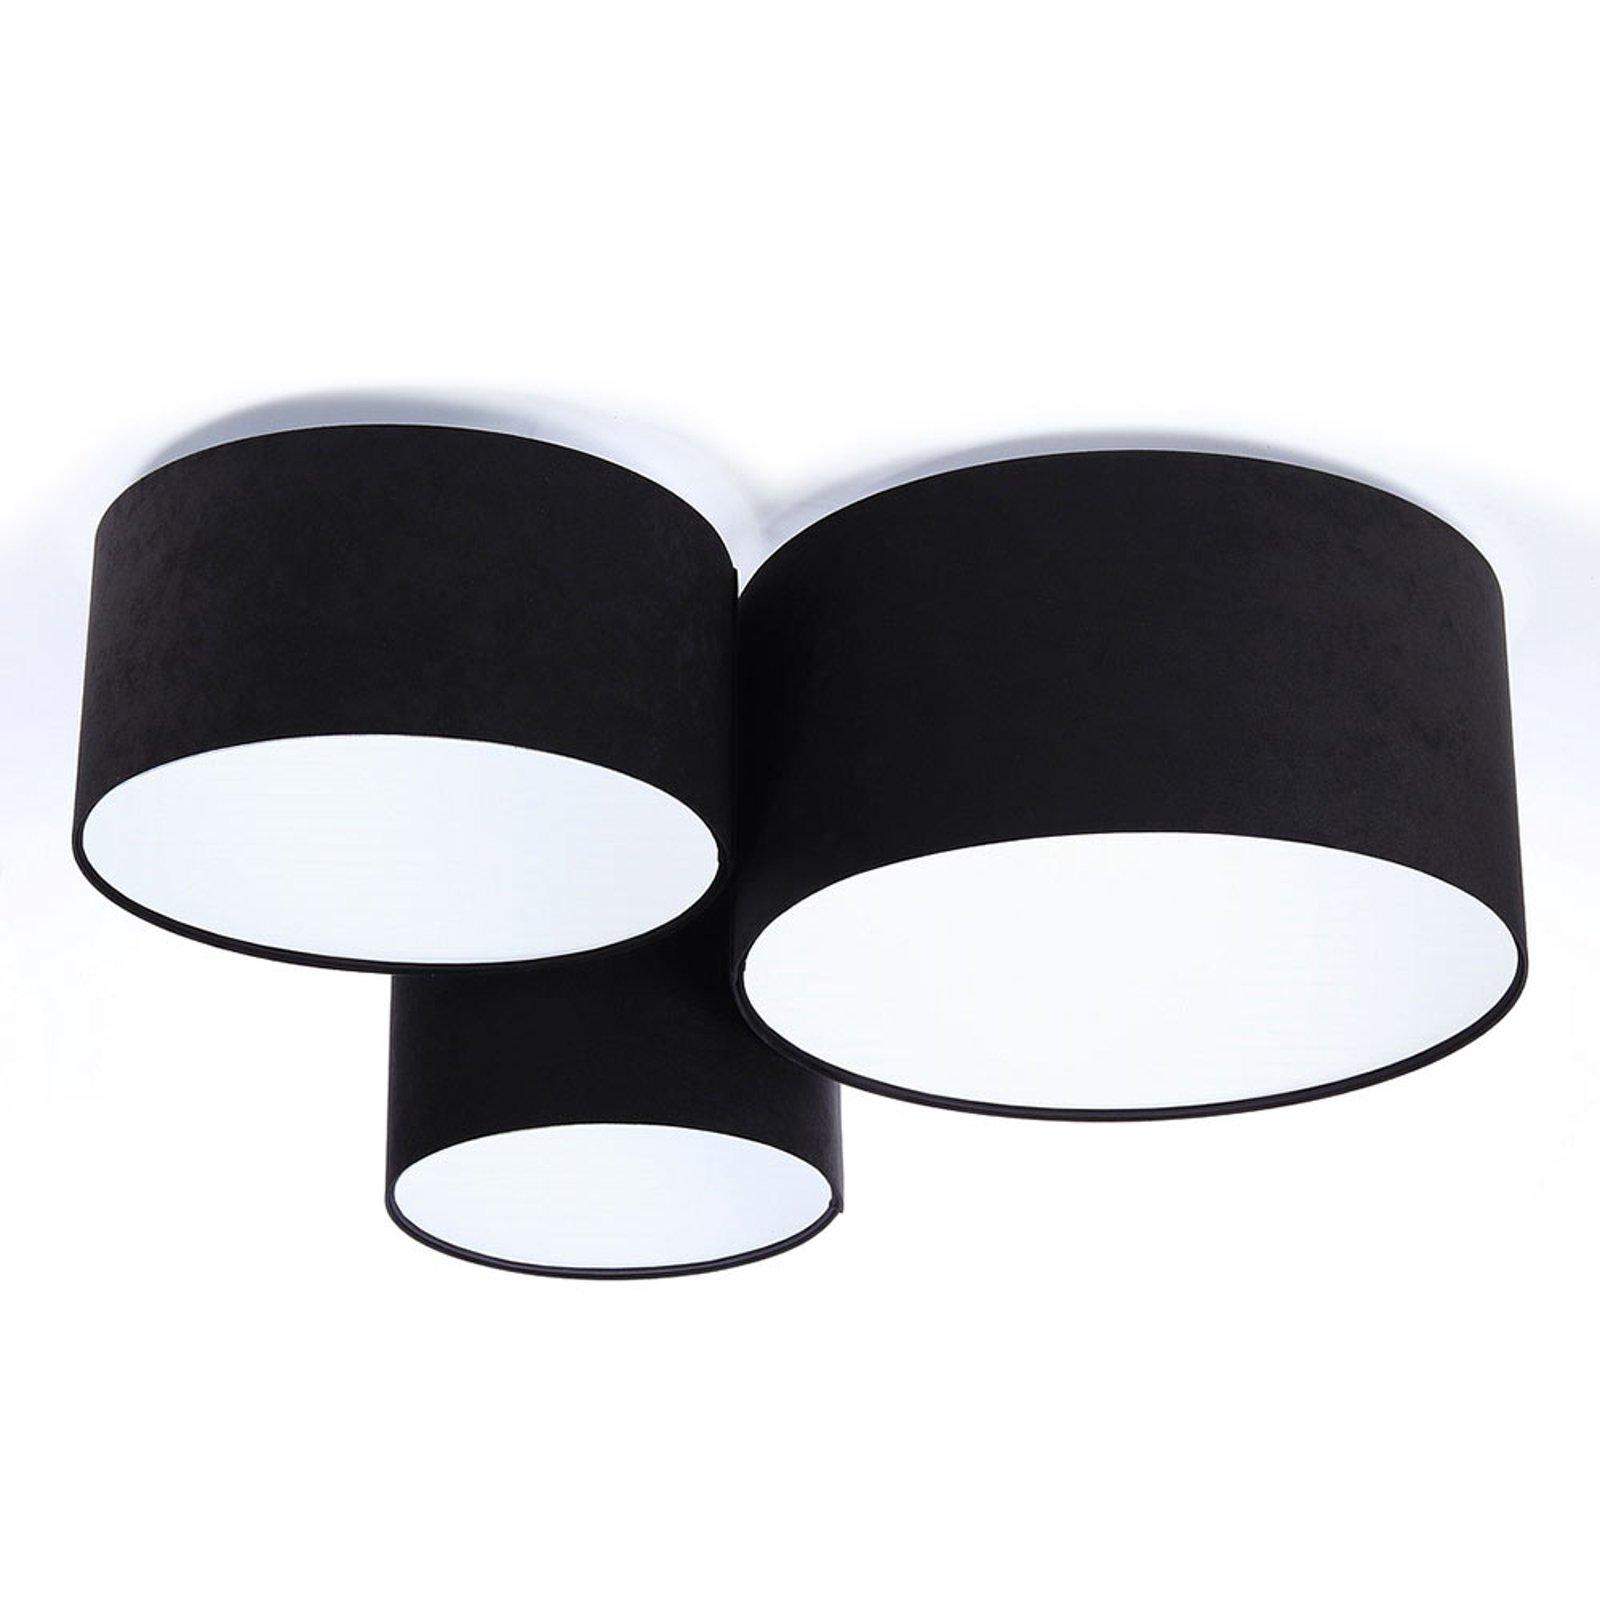 Taklampe 080, tre lyskilder, svart-hvitt